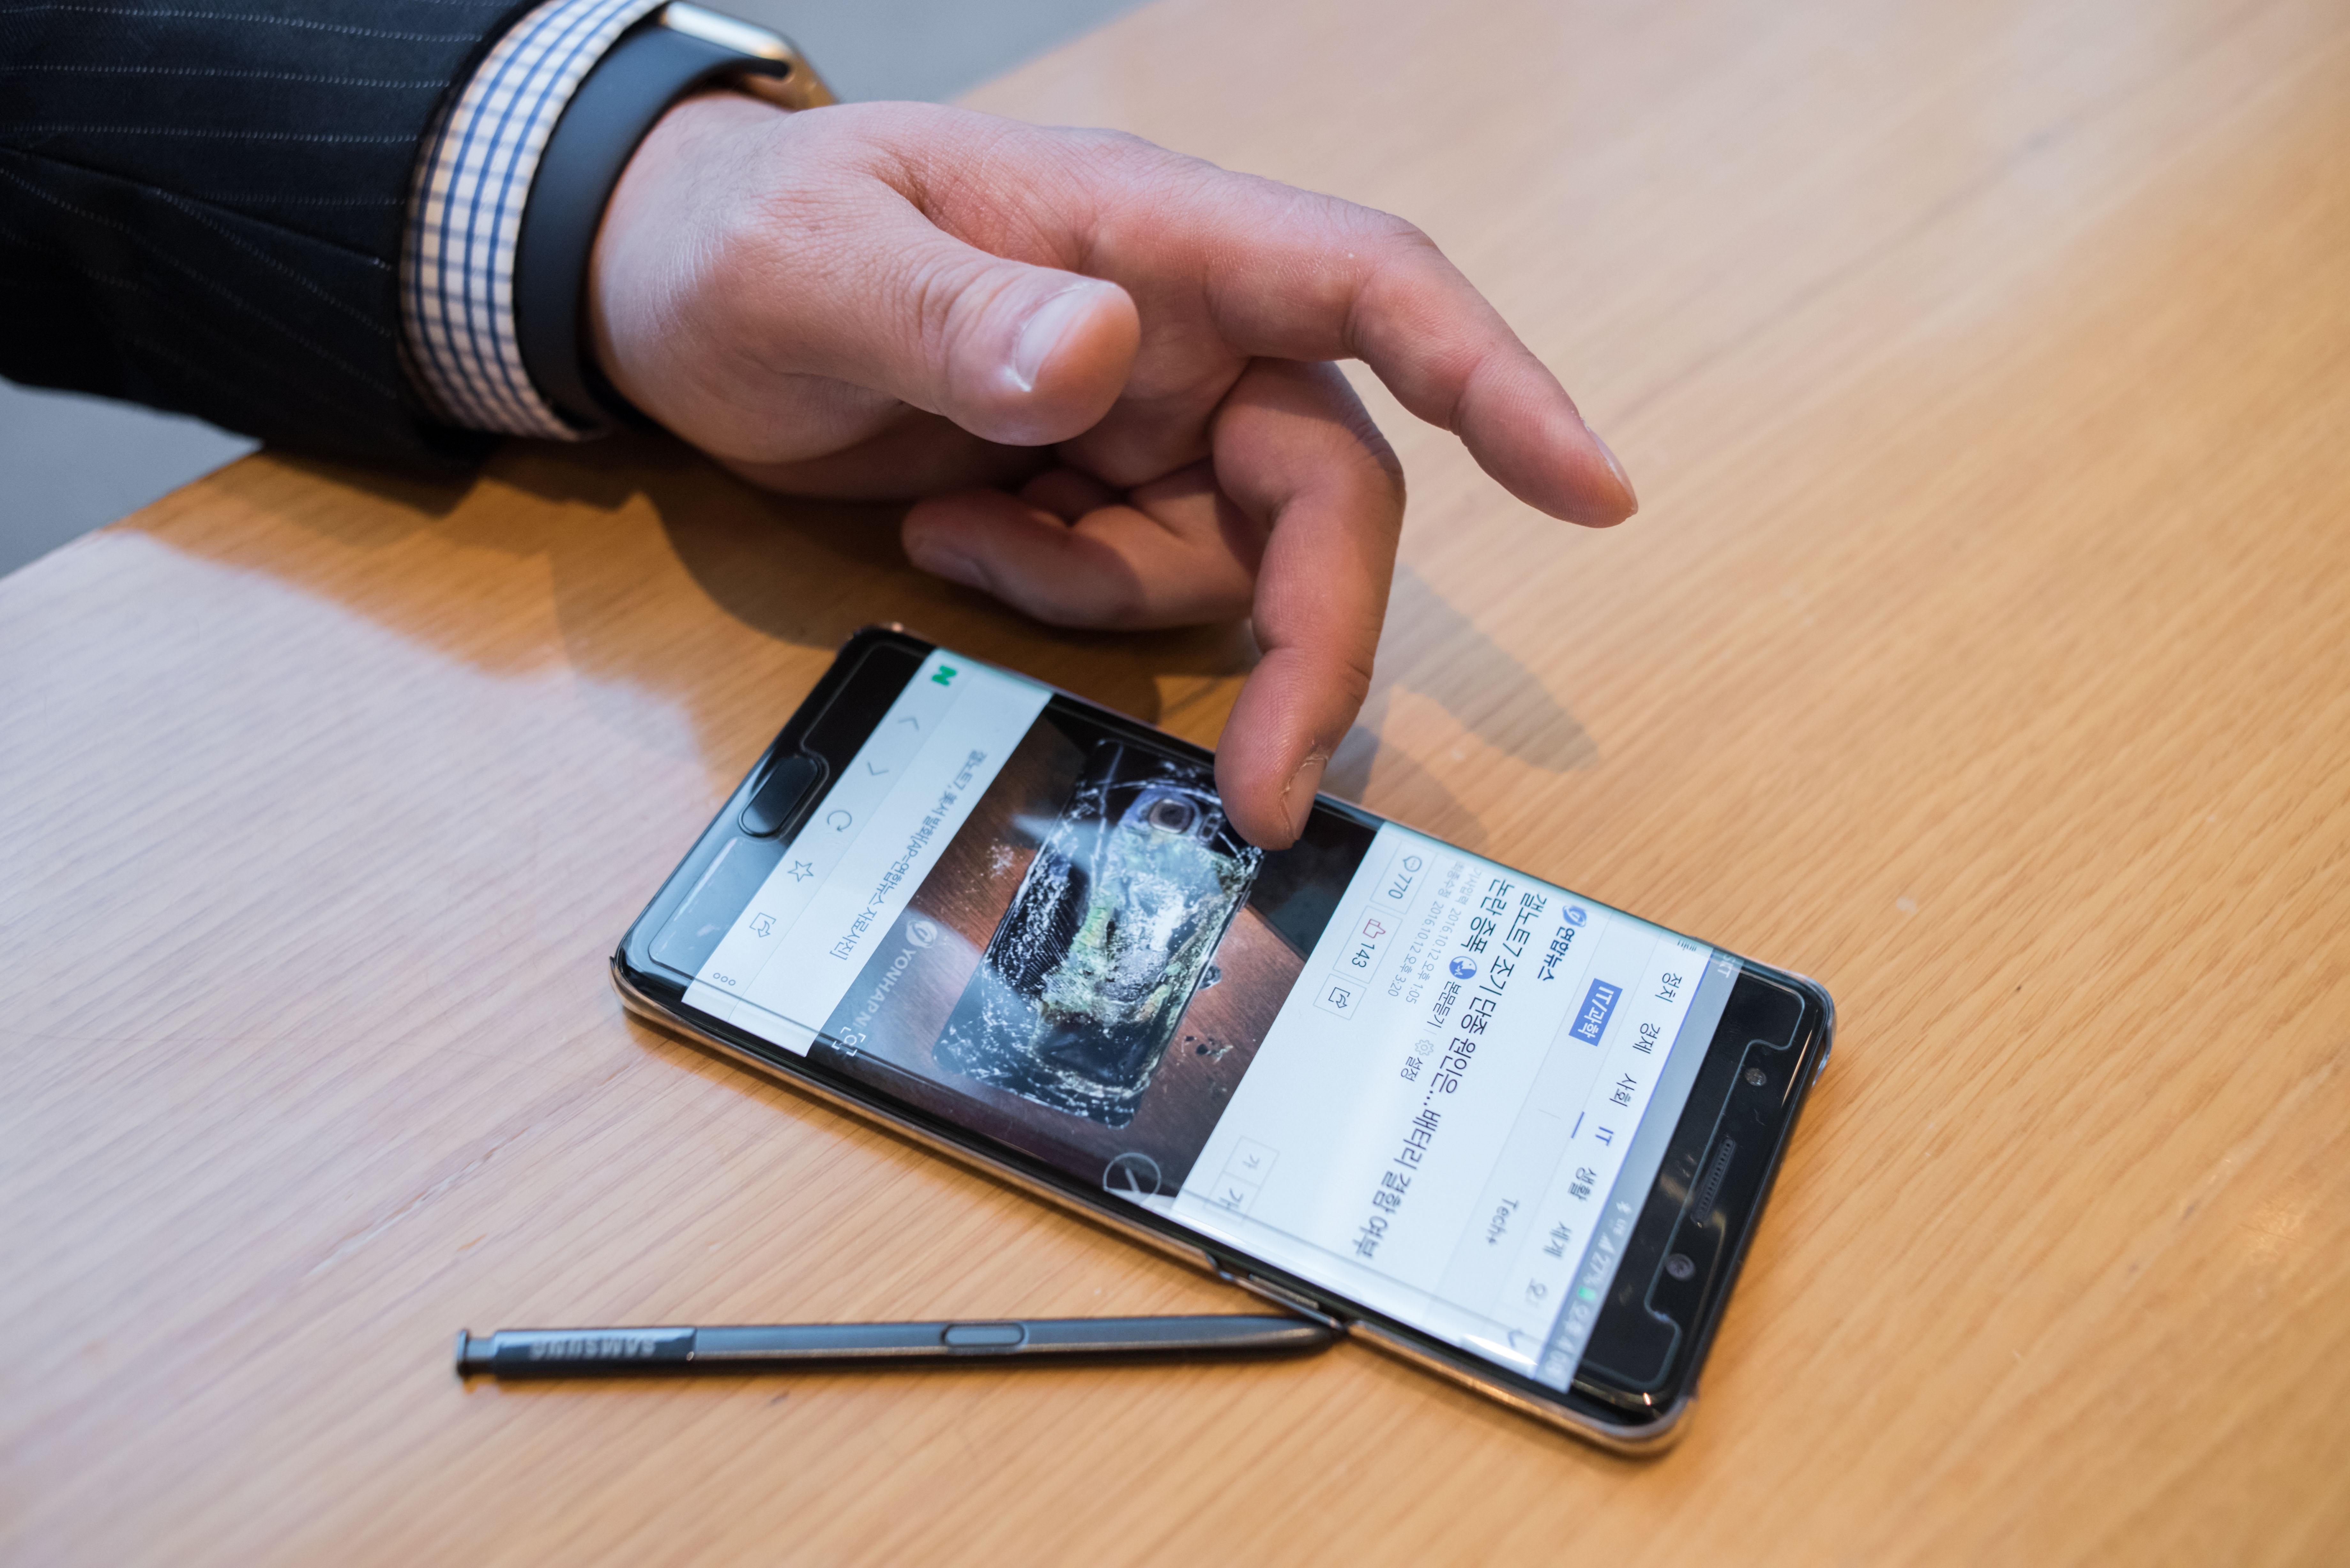 SKOREA-SAMSUNG-SMARTPHONE